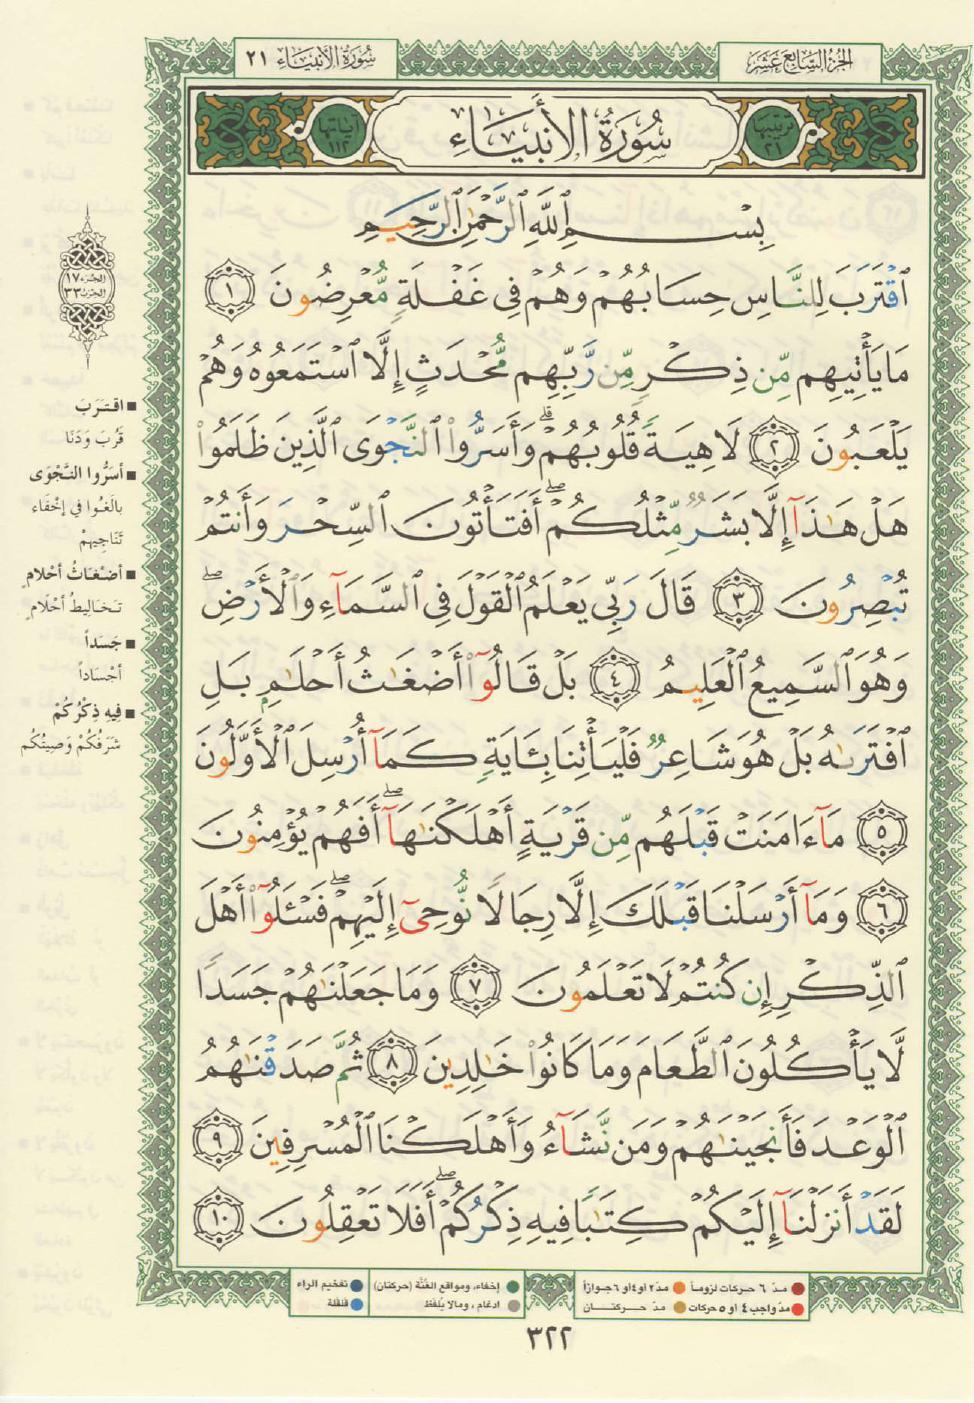 21. سورة الانبياء - Al- Anbiya مصورة من المصحف الشريف Quran_tajwid_000331